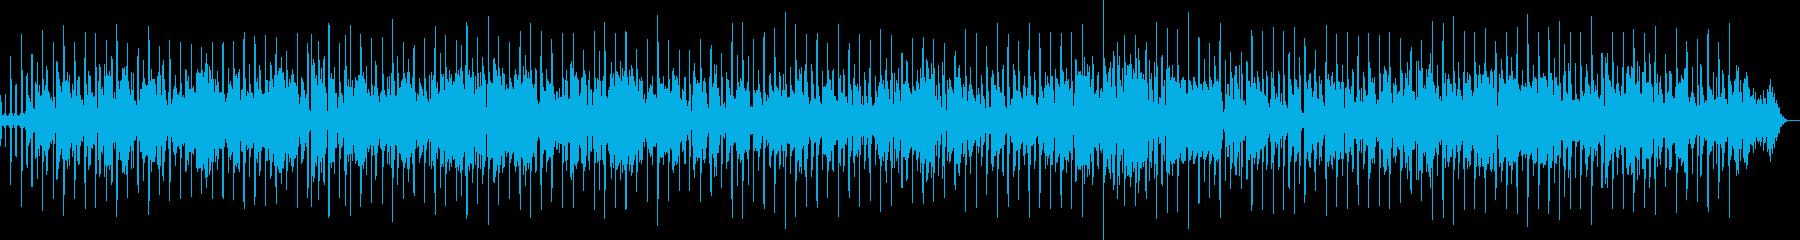 生演奏、ジャズラウンジバーの暗めの店内での再生済みの波形